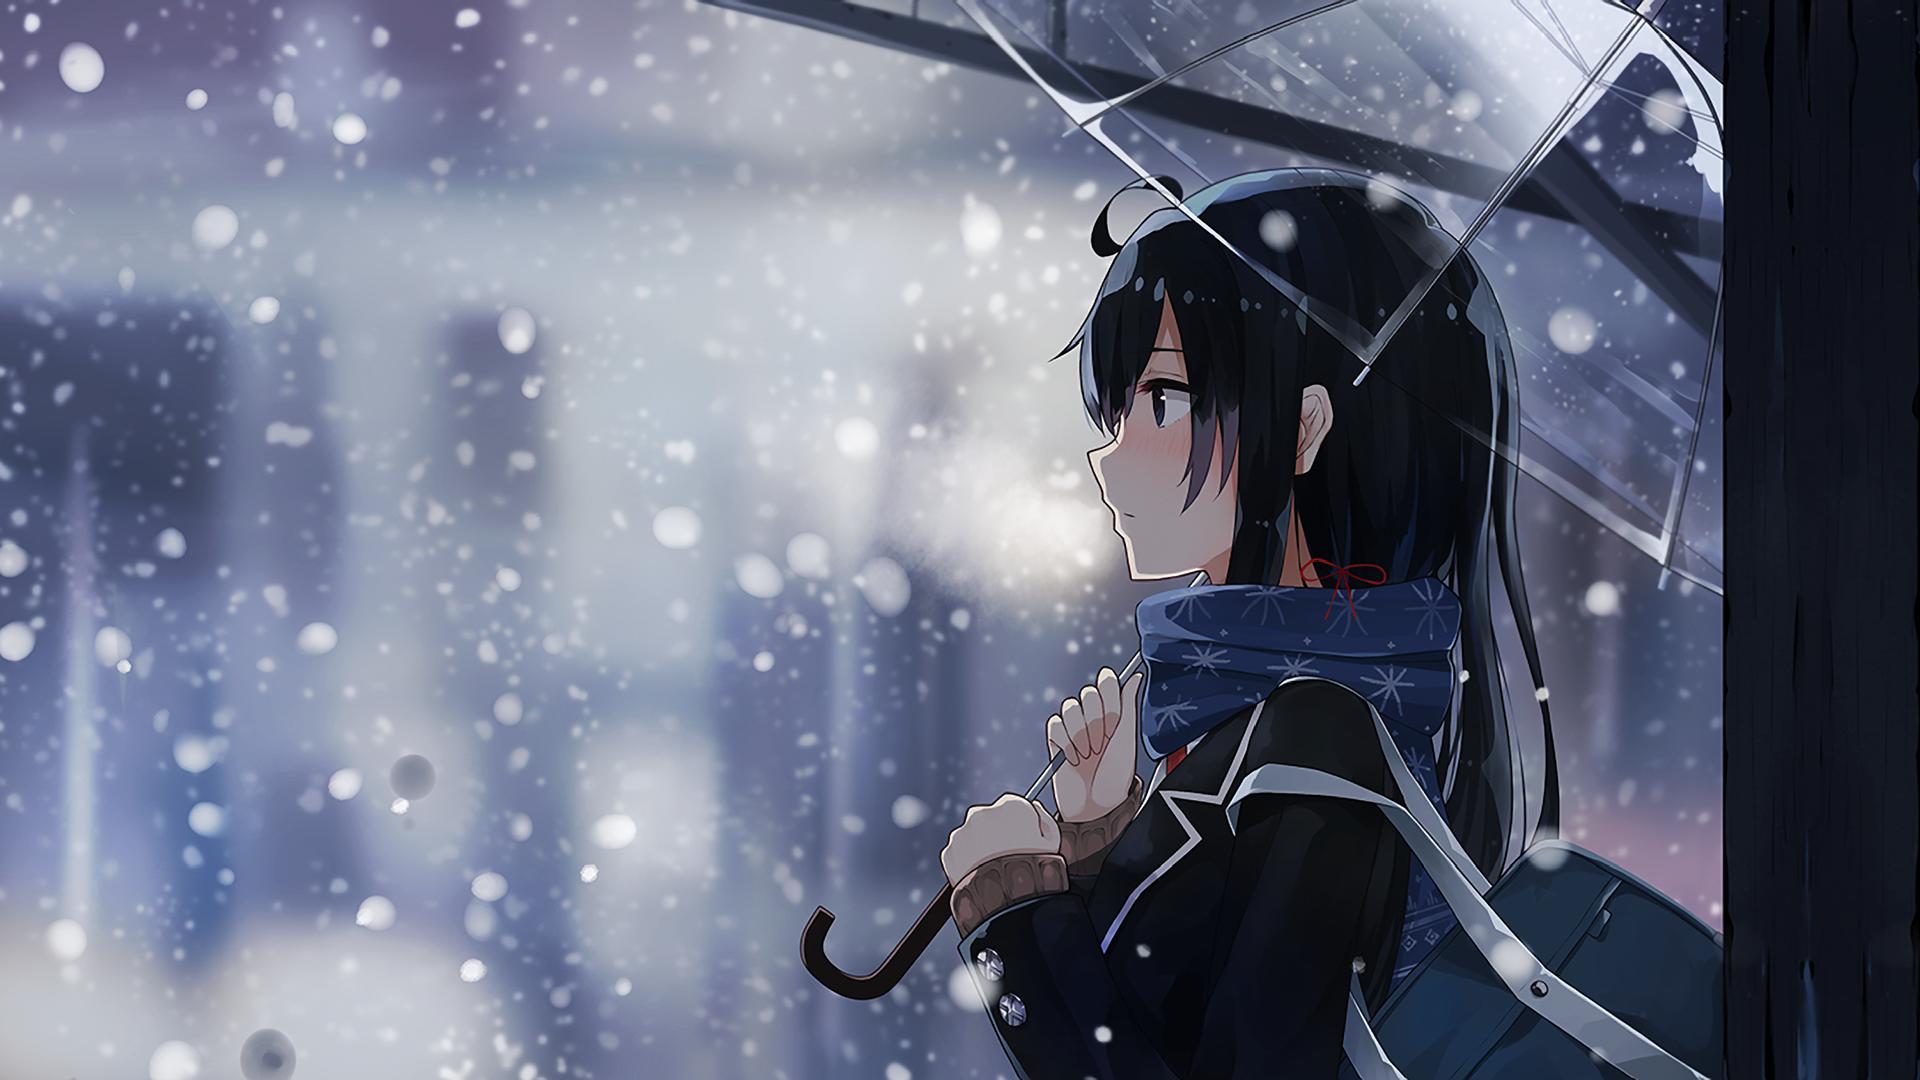 Anime Girls Anime Yukinoshita Yukino Yahari Ore No Seishun Love Comedy Wa Machigatteiru Umbrella Wallpaper Gambar Gambar Bergerak Gambar Anime